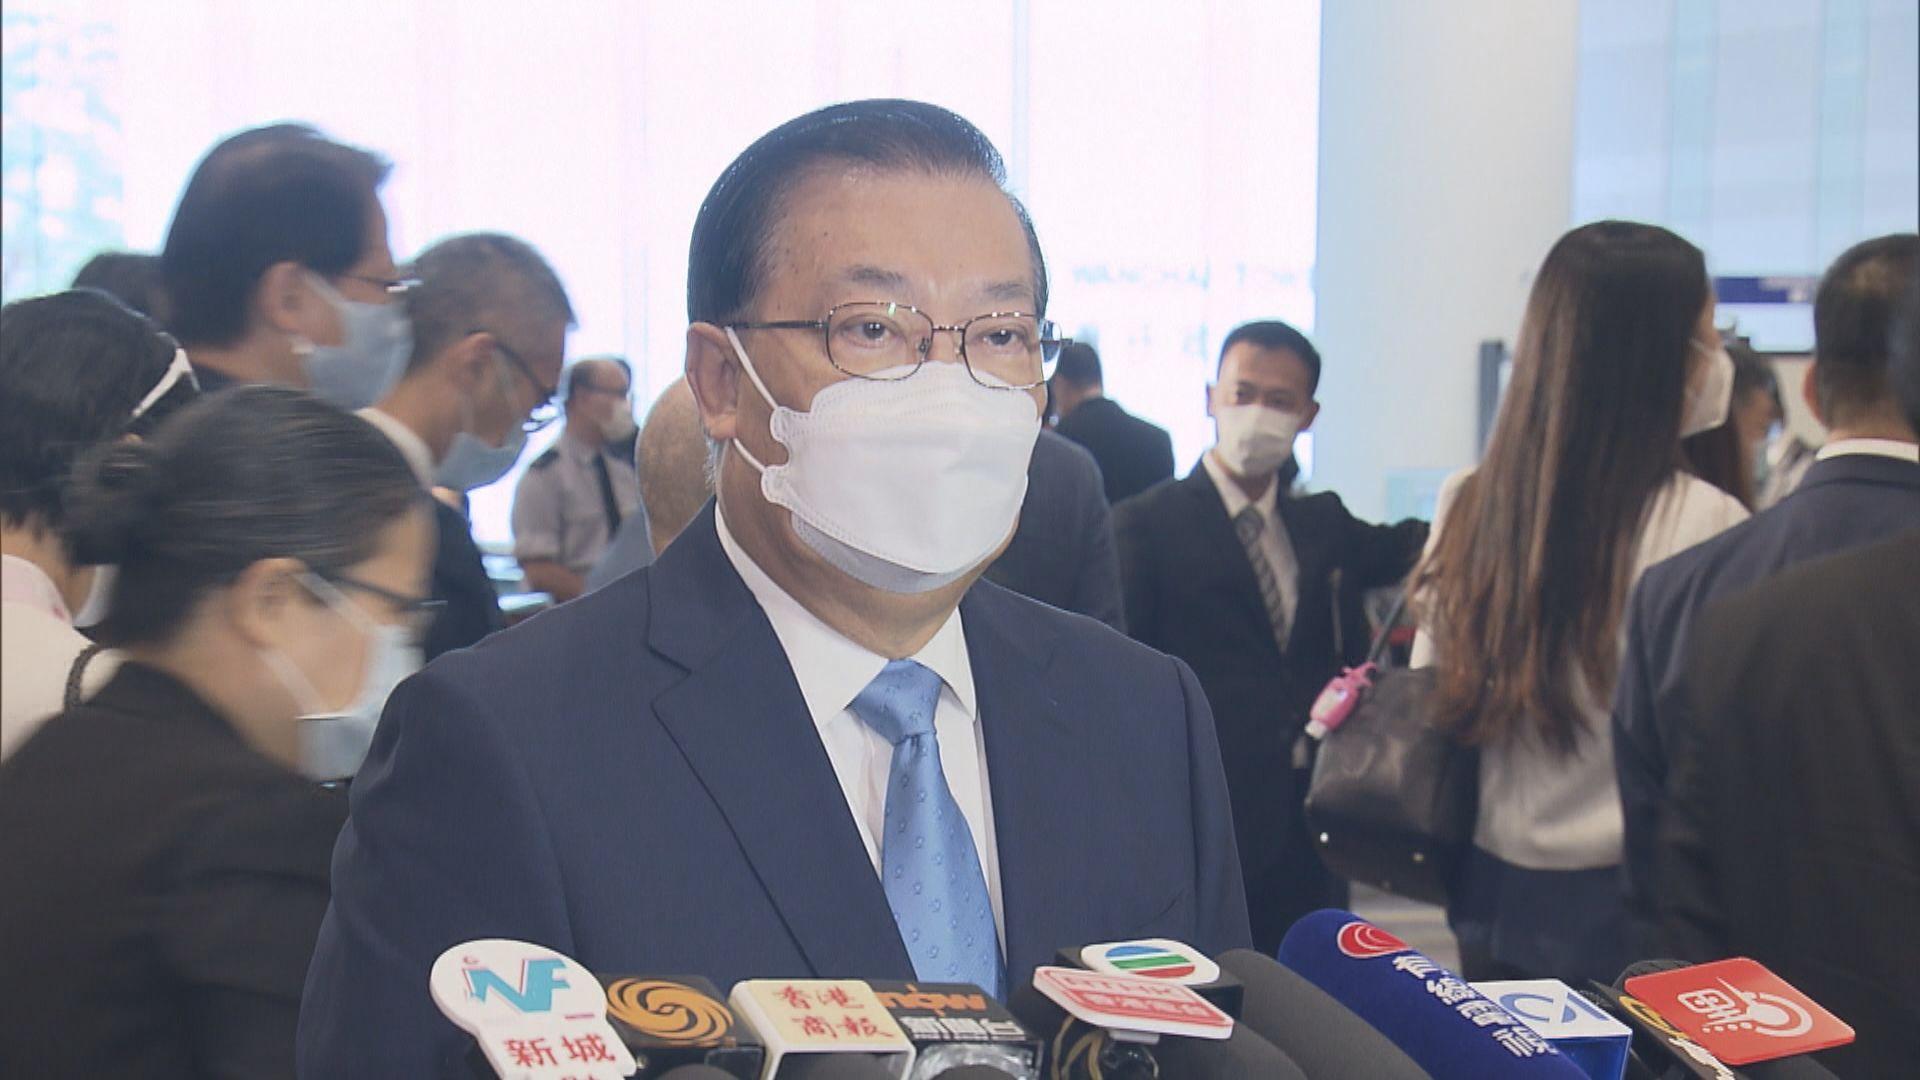 譚耀宗:被取消參選資格的民主派立法會議員應請辭